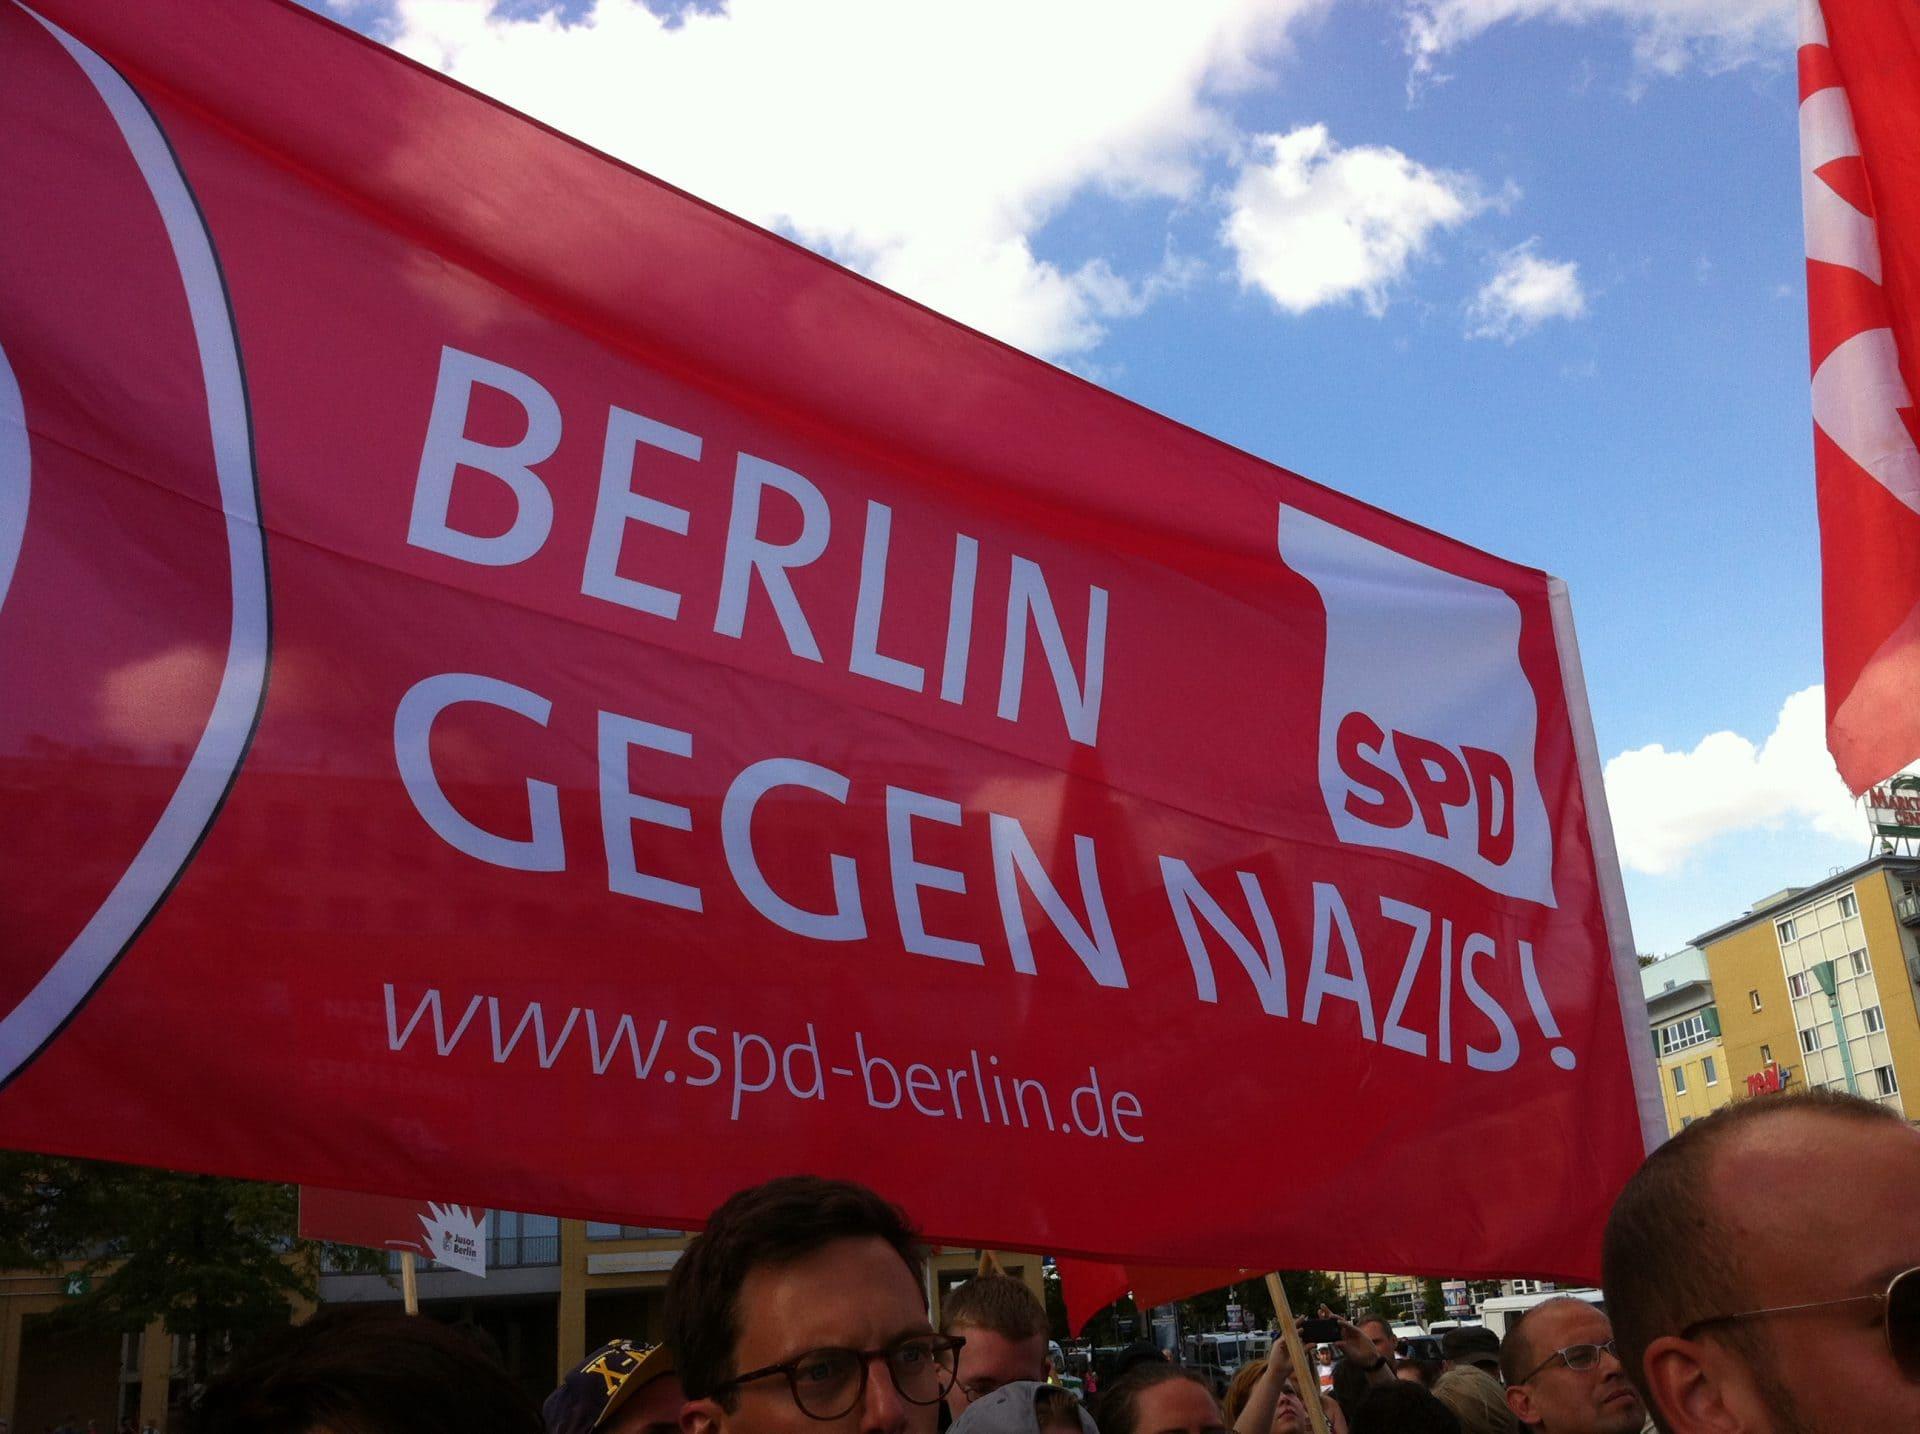 SPD-Banner: Berlin gegen Nazis